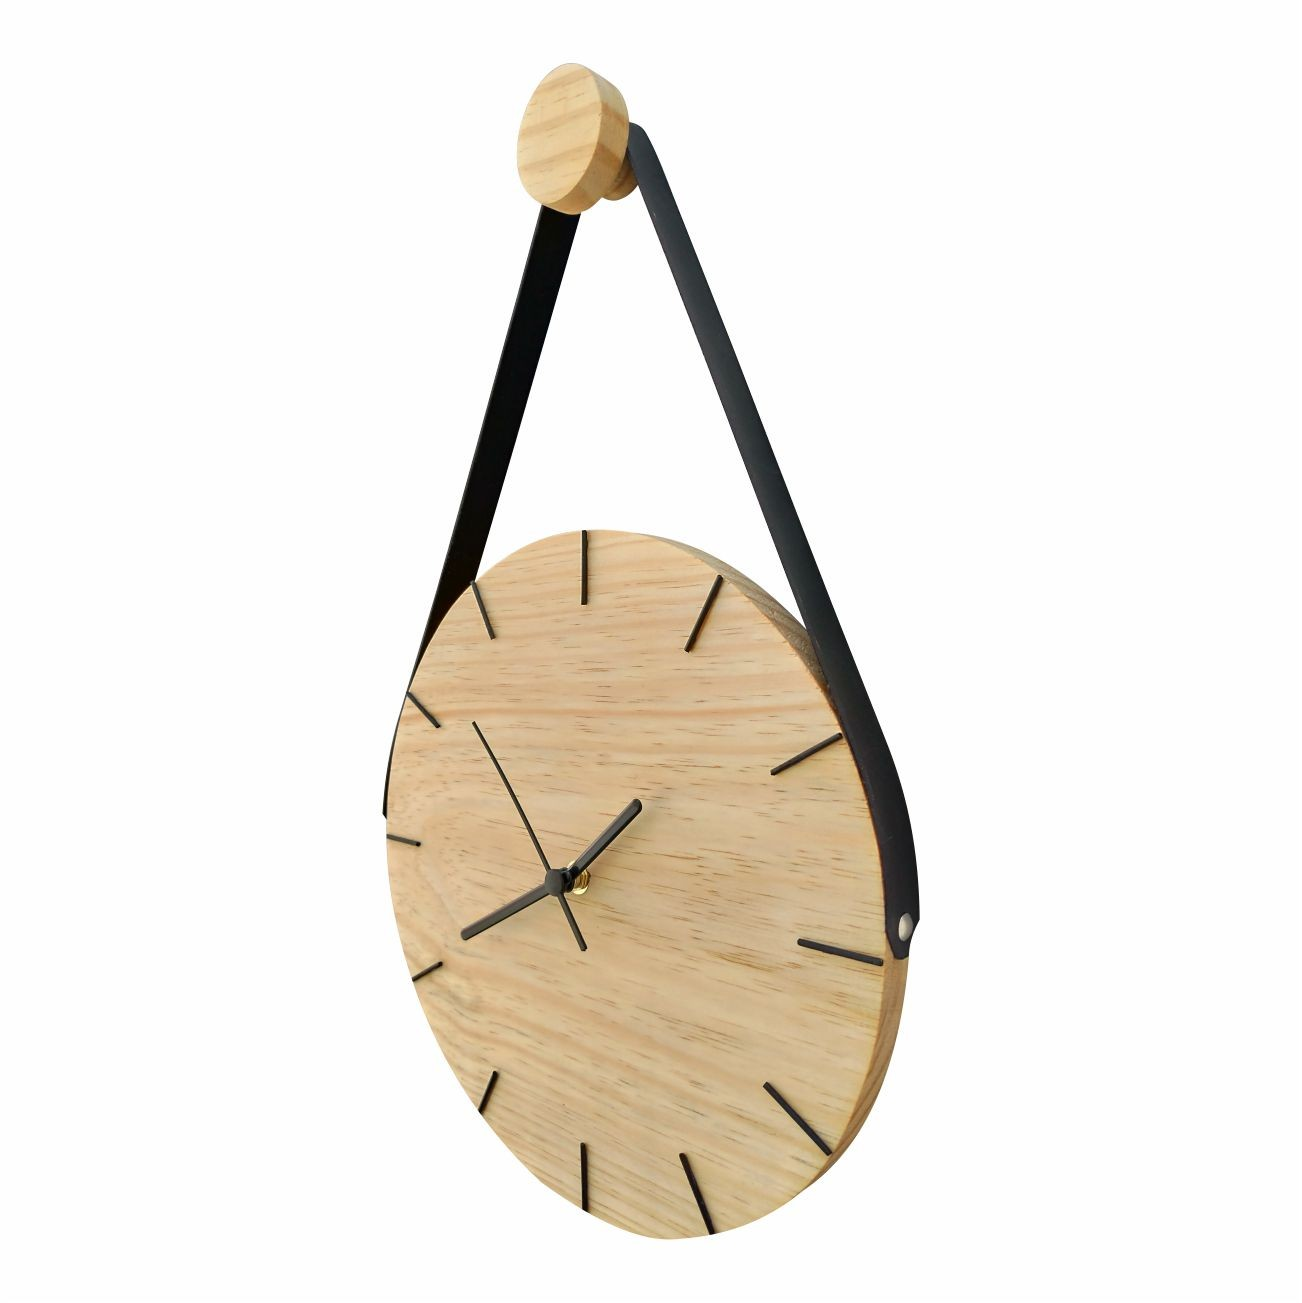 Relógio de Parede Minimalista em Madeira Natural com Alça